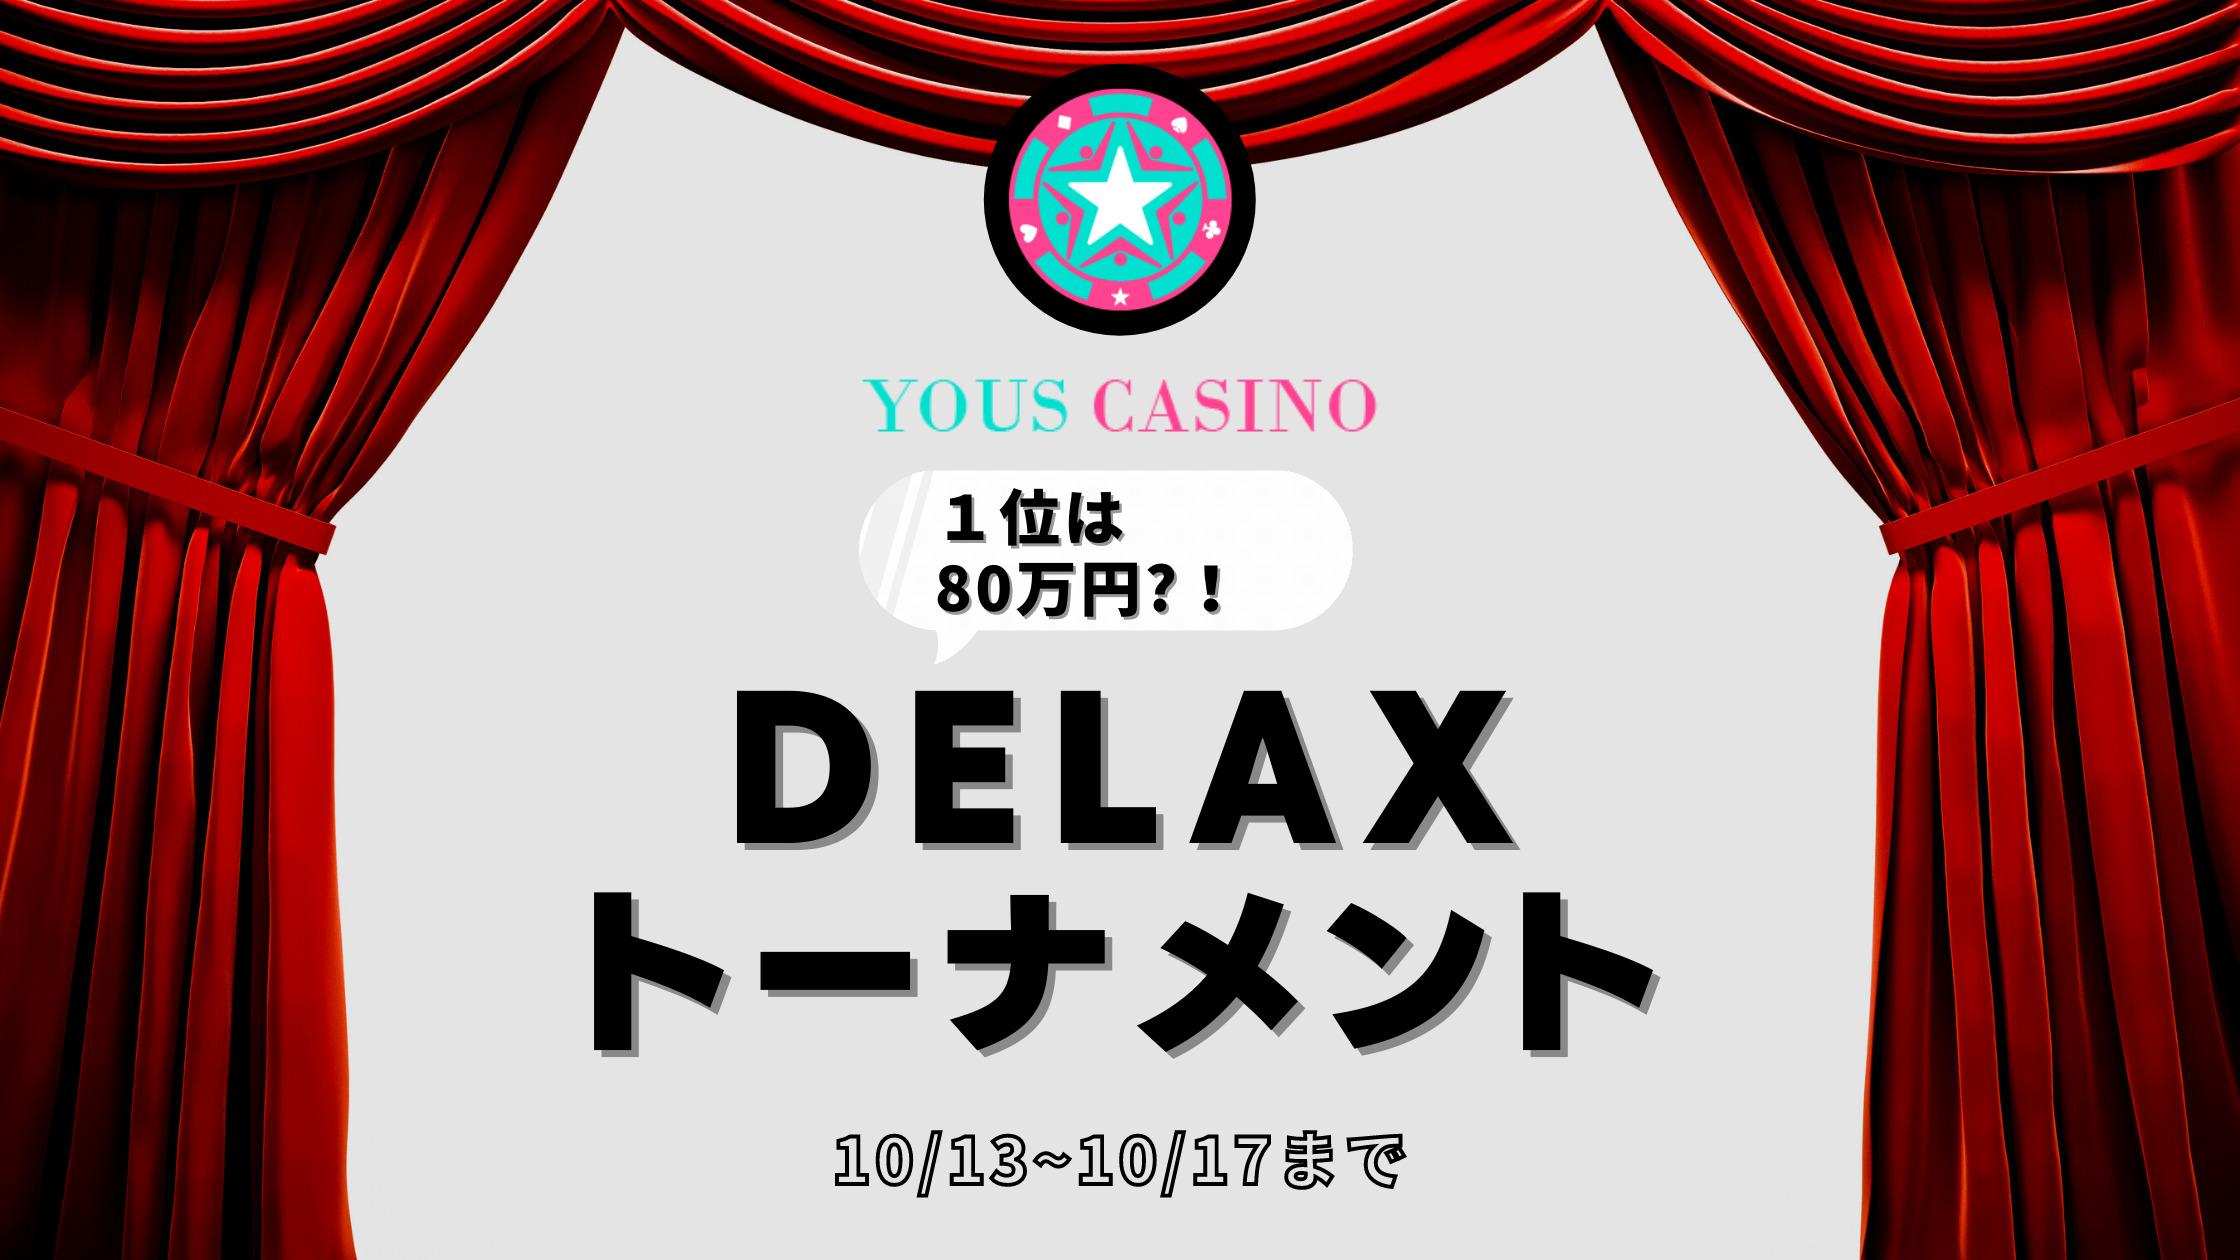 【ユースカジノ】総額200万円のデラックストーナメント開催!!